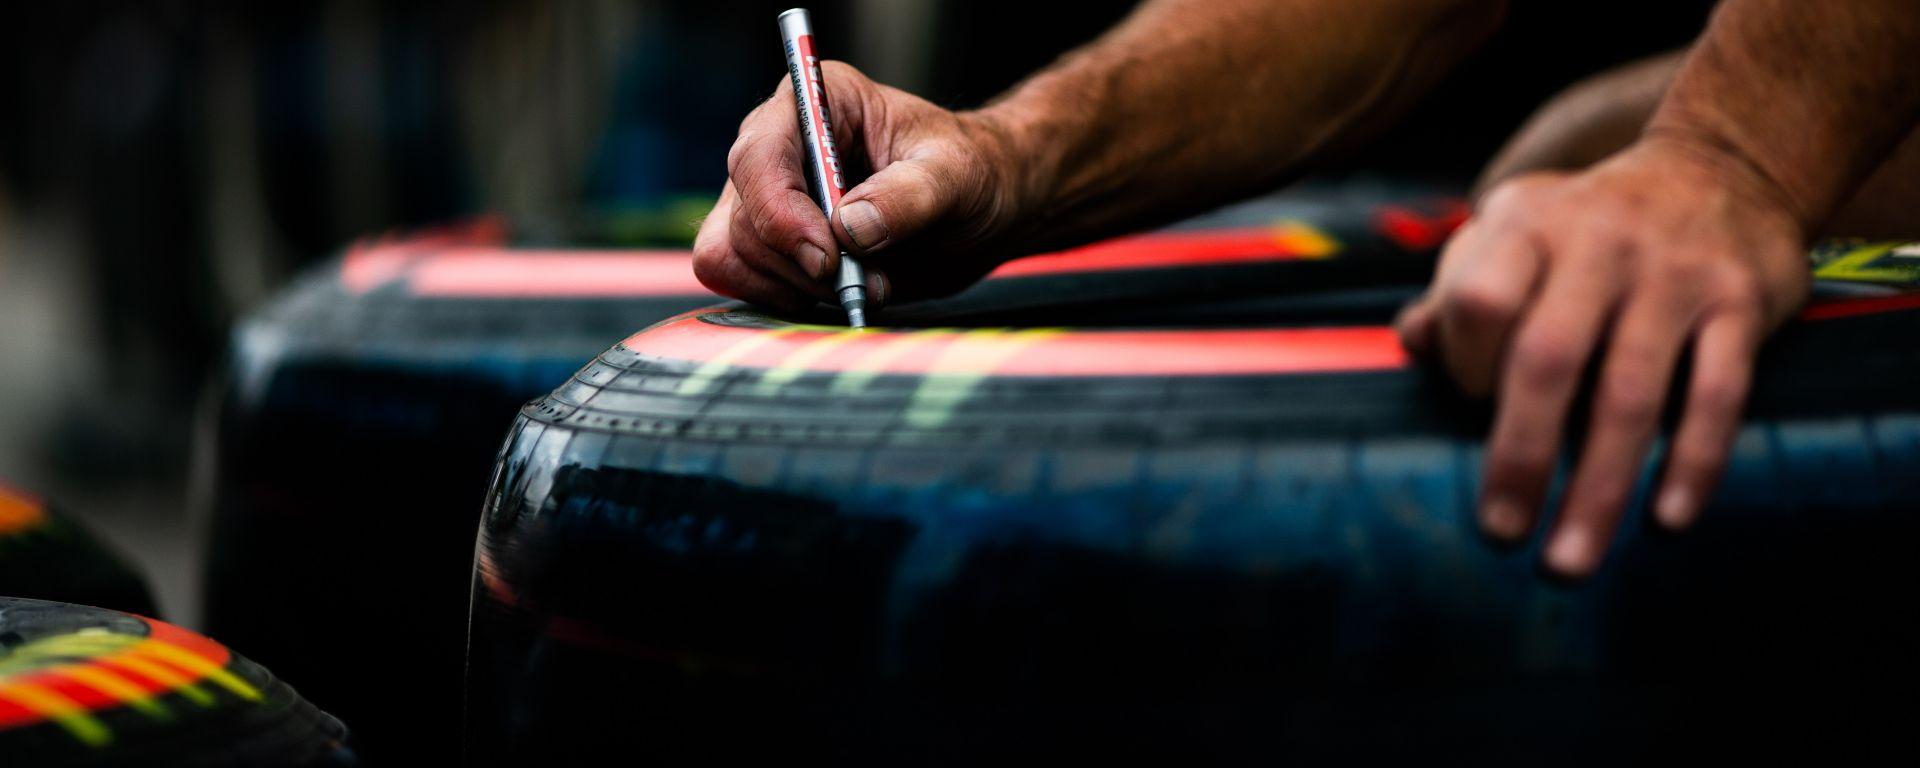 F1, un meccanico marchia le gomme Pirelli